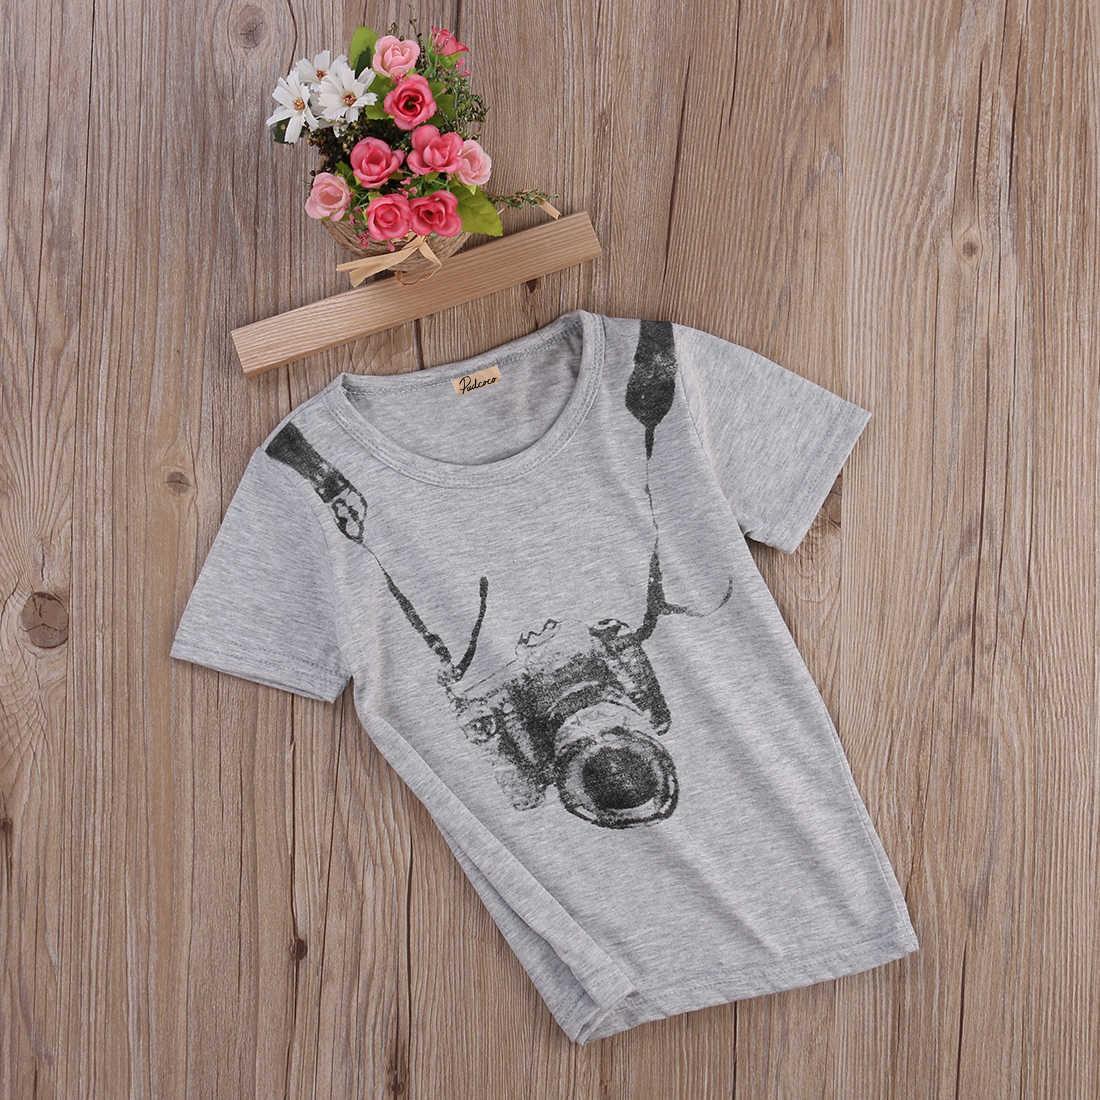 Новинка 2017 года, одежда с короткими рукавами, 1 шт., футболки для маленьких мальчиков, топы, комплекты, спортивная одежда, детская блузка, летняя одежда